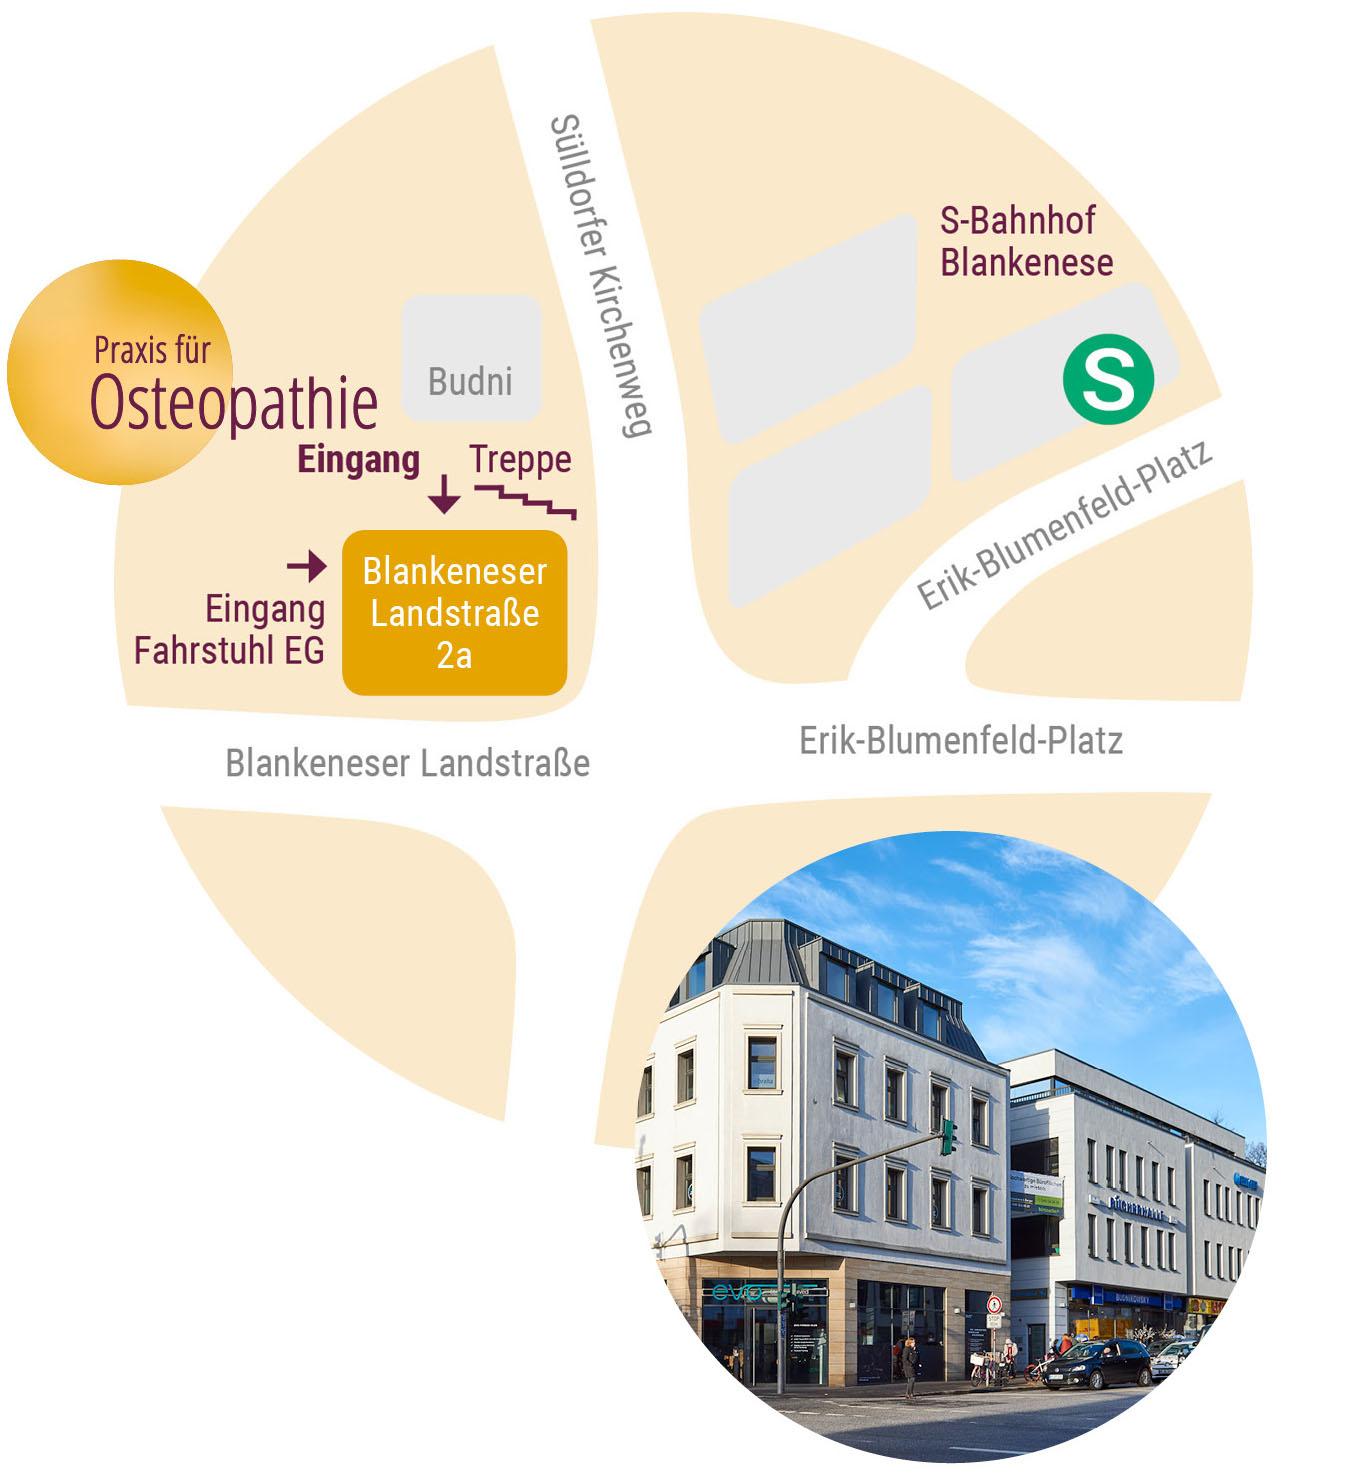 Praxis für Osteopathie Kissner in Hamburg Blankenese